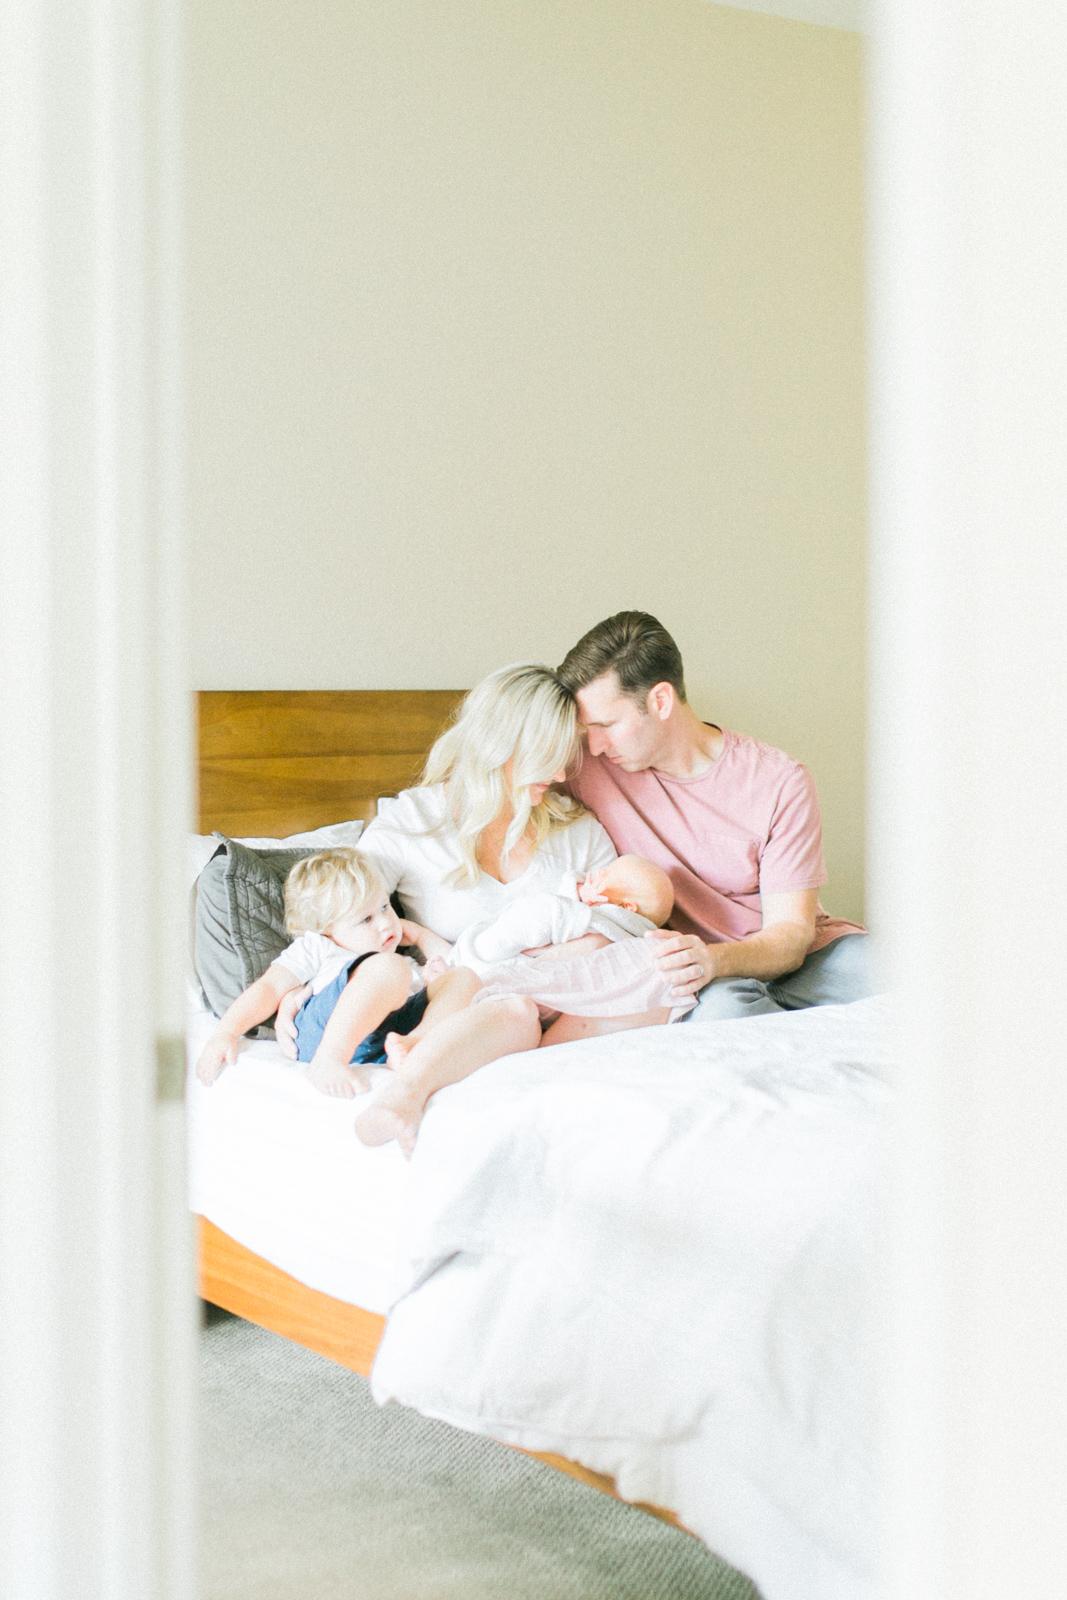 boise-newborn-photographer--7.jpg